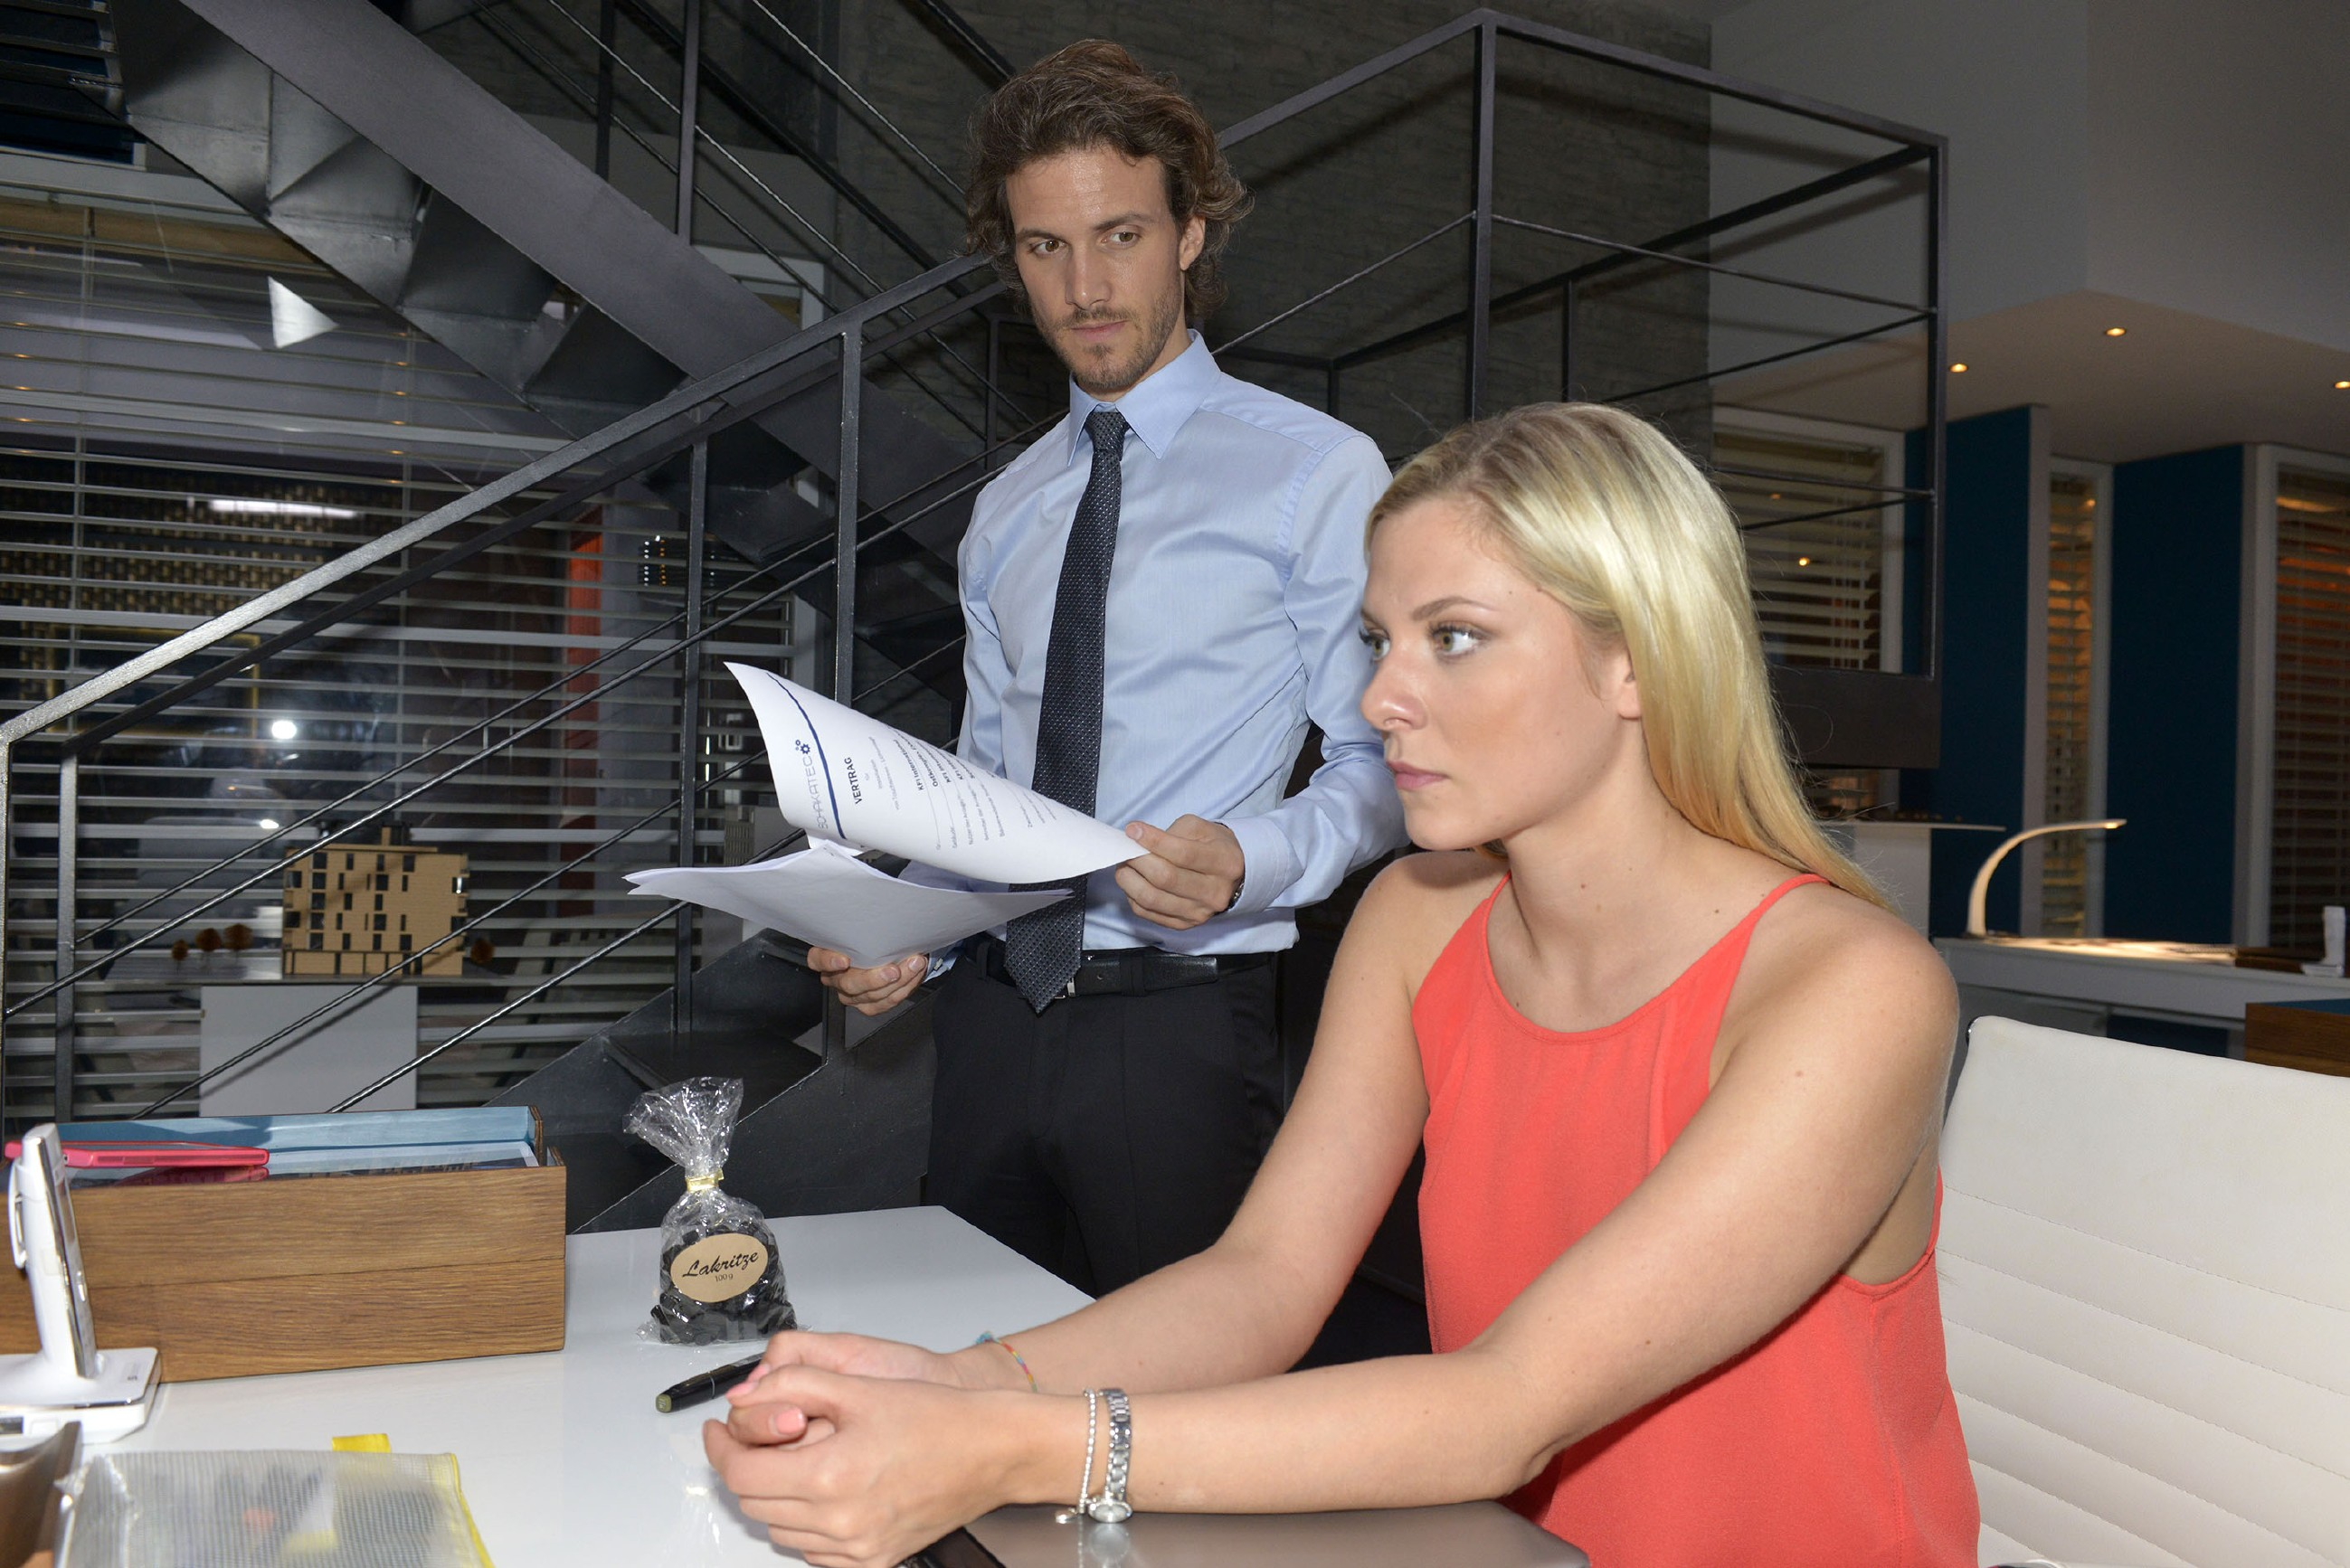 Als Sunny (Valentina Pahde) feststellt, dass ihr im Job ein folgenschwerer Fehler unterlaufen ist, bietet Felix (Thaddäus Meilinger) ihr seine Hilfe an. (Quelle: RTL / Rolf Baumgartner)